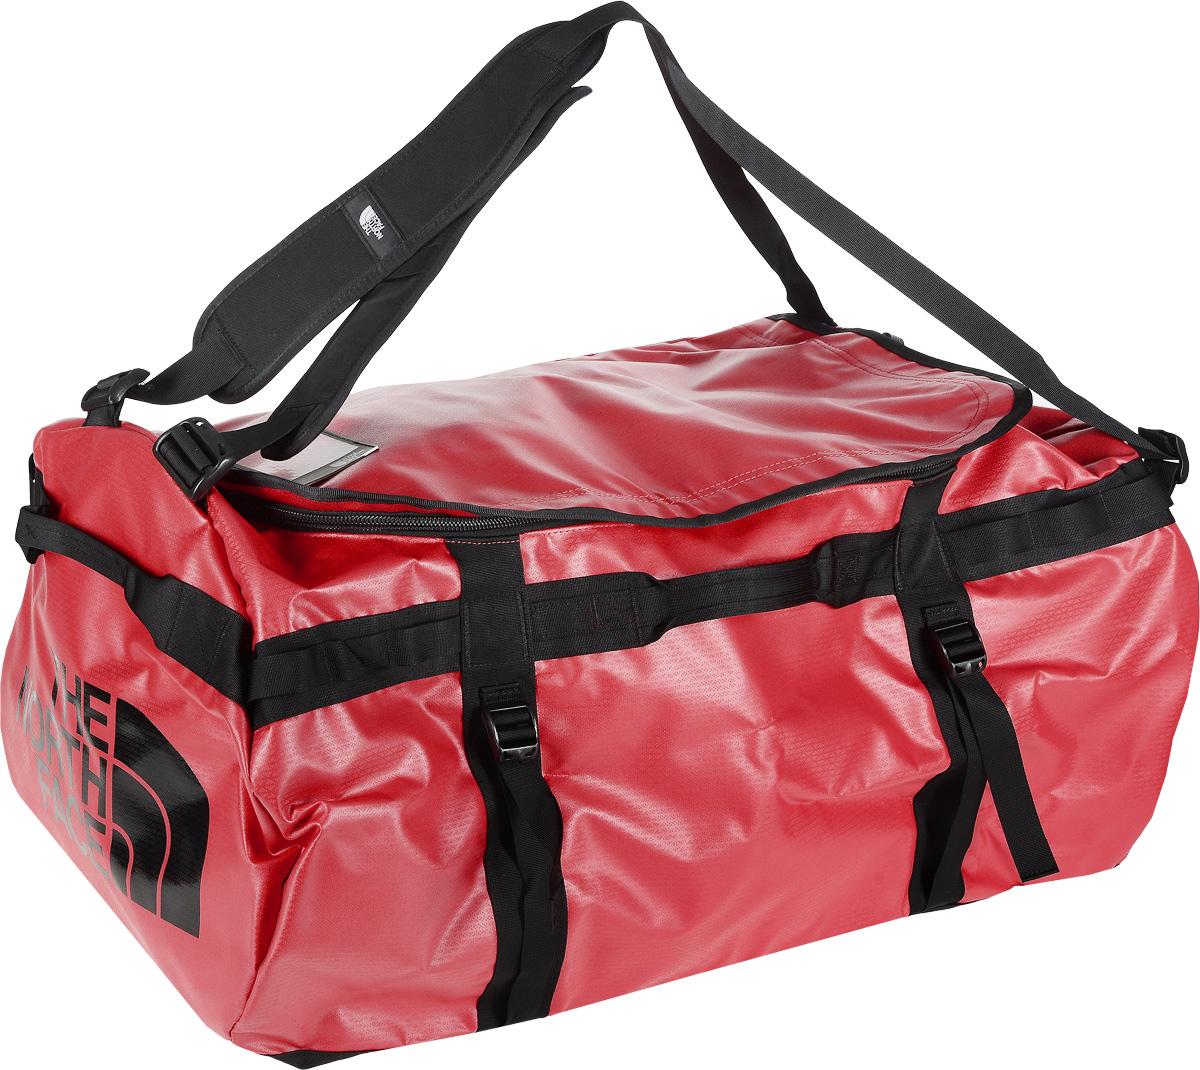 Сумка-рюкзак The North Face, цвет: красный, черный, 132 л. CWV7_KZ3T0CWV7KZ3Удобная экспедиционная сумка-рюкзак The North Face, вместительная модель, которая подойдет на любой жизненный случай. Изготовлена модель из сочетания водонепроницаемого баллистического нейлона и полиэстера с TPE ламинированием. Корпус изделия укреплен поперечными лентами с двойной отстрочкой и по бокам четырьмя лентами для утяжки. Модель имеет улучшенные эргономичные плечевые лямки, новые укрепленные боковые ручки, которые позволяют с удобством переносить или тащить тяжелые грузы. Основное отделение сумки застегивается на U-образную молнию с защитой от влаги. Верхняя крышка сумки дополнена небольшим отделением для бейджа с персональными данными, а с внутренней стороны имеет карман на молнии из сетчатой ткани. С внутренней стороны сумка дополнена накладным открытым карманом из сетчатой ткани. Оформлена модель износостойким принтом с логотипом бренда.